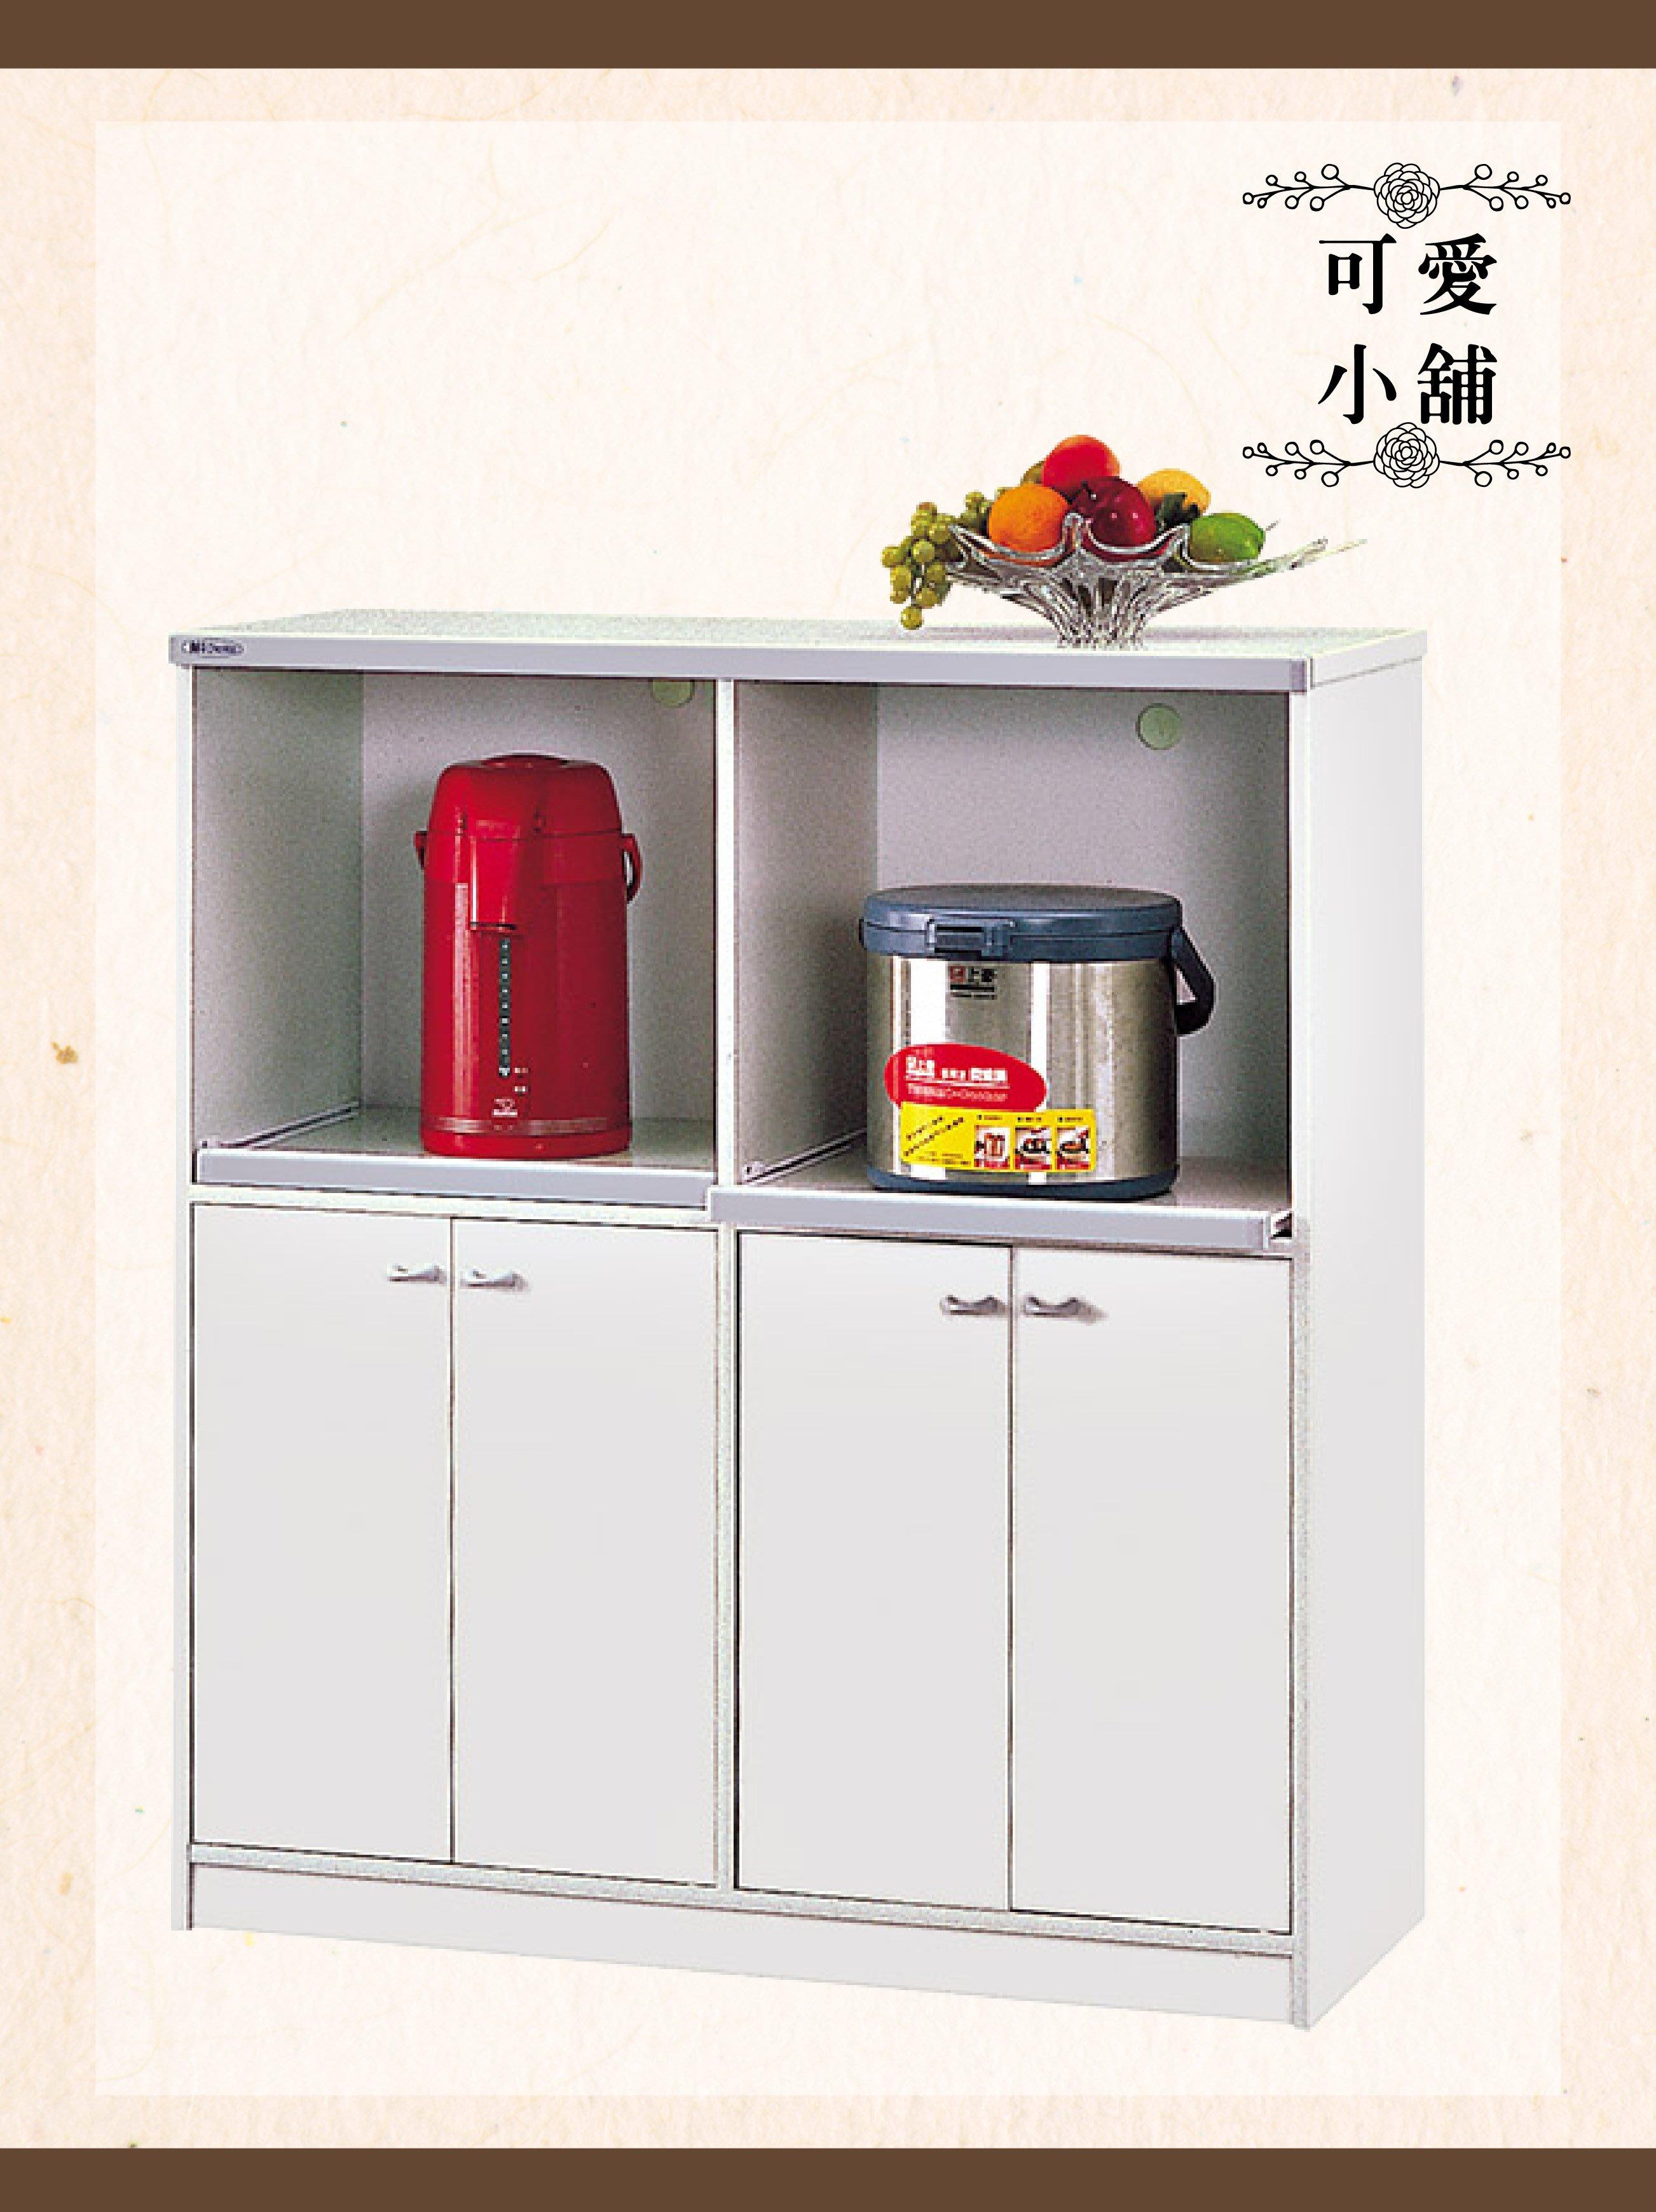 南亞塑鋼系列-H816電器櫃(灰) 四門兩格 雙色鋼櫃收納櫃置物櫃收納櫃櫃子儲藏 玄關客廳民宿辦公室【可愛小舖傢俱二館】